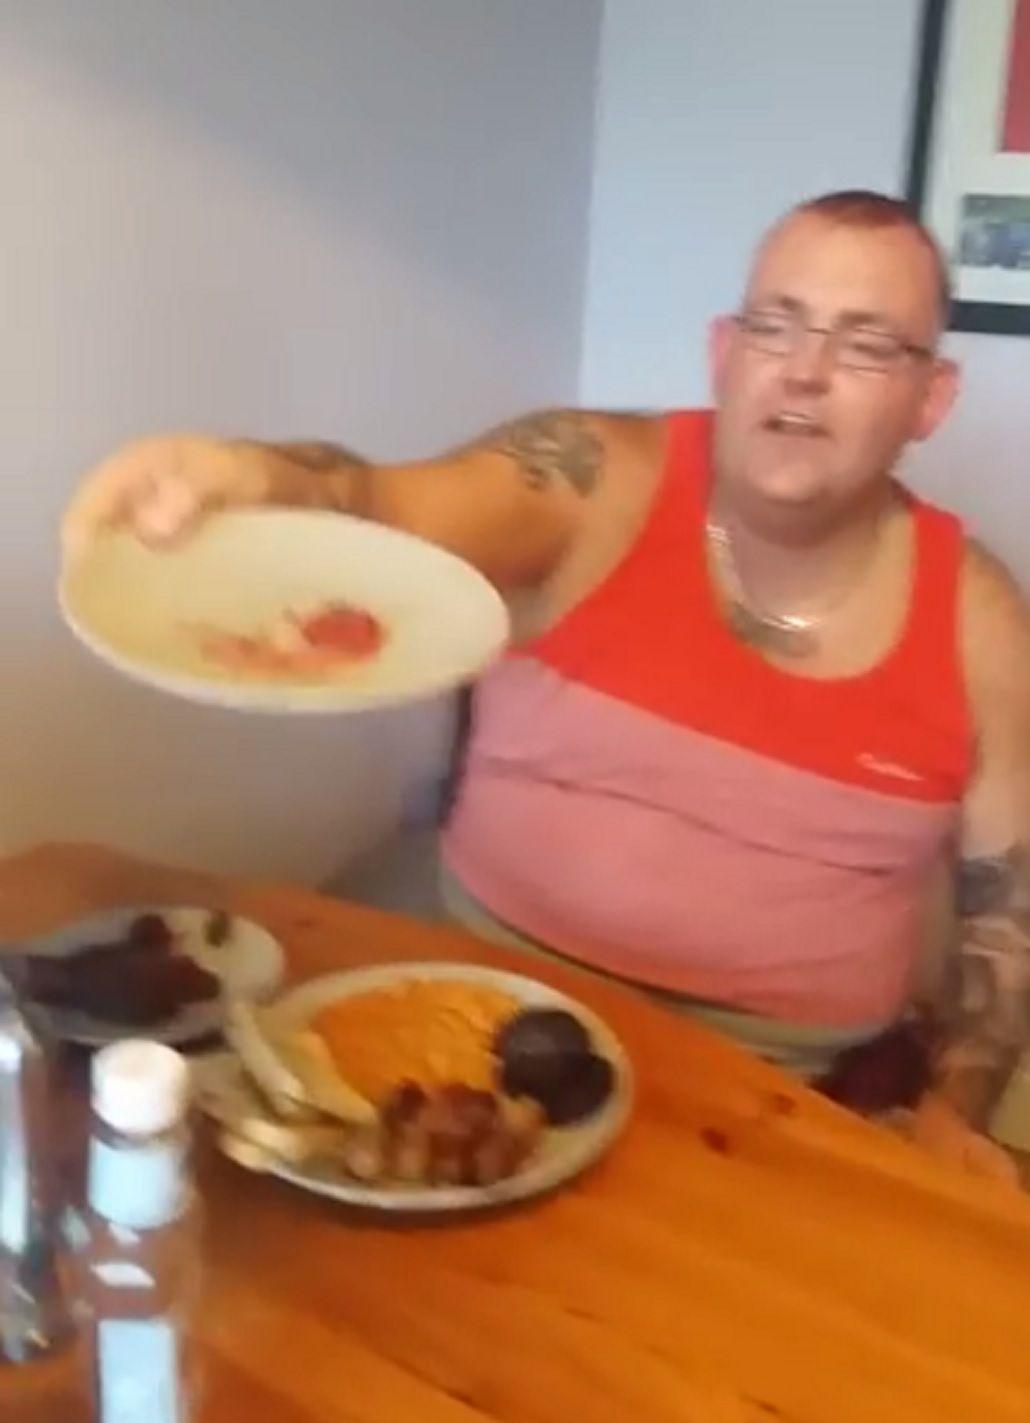 Padre caníbal: cocinó la placenta de su esposa y se la comió durante el desayuno